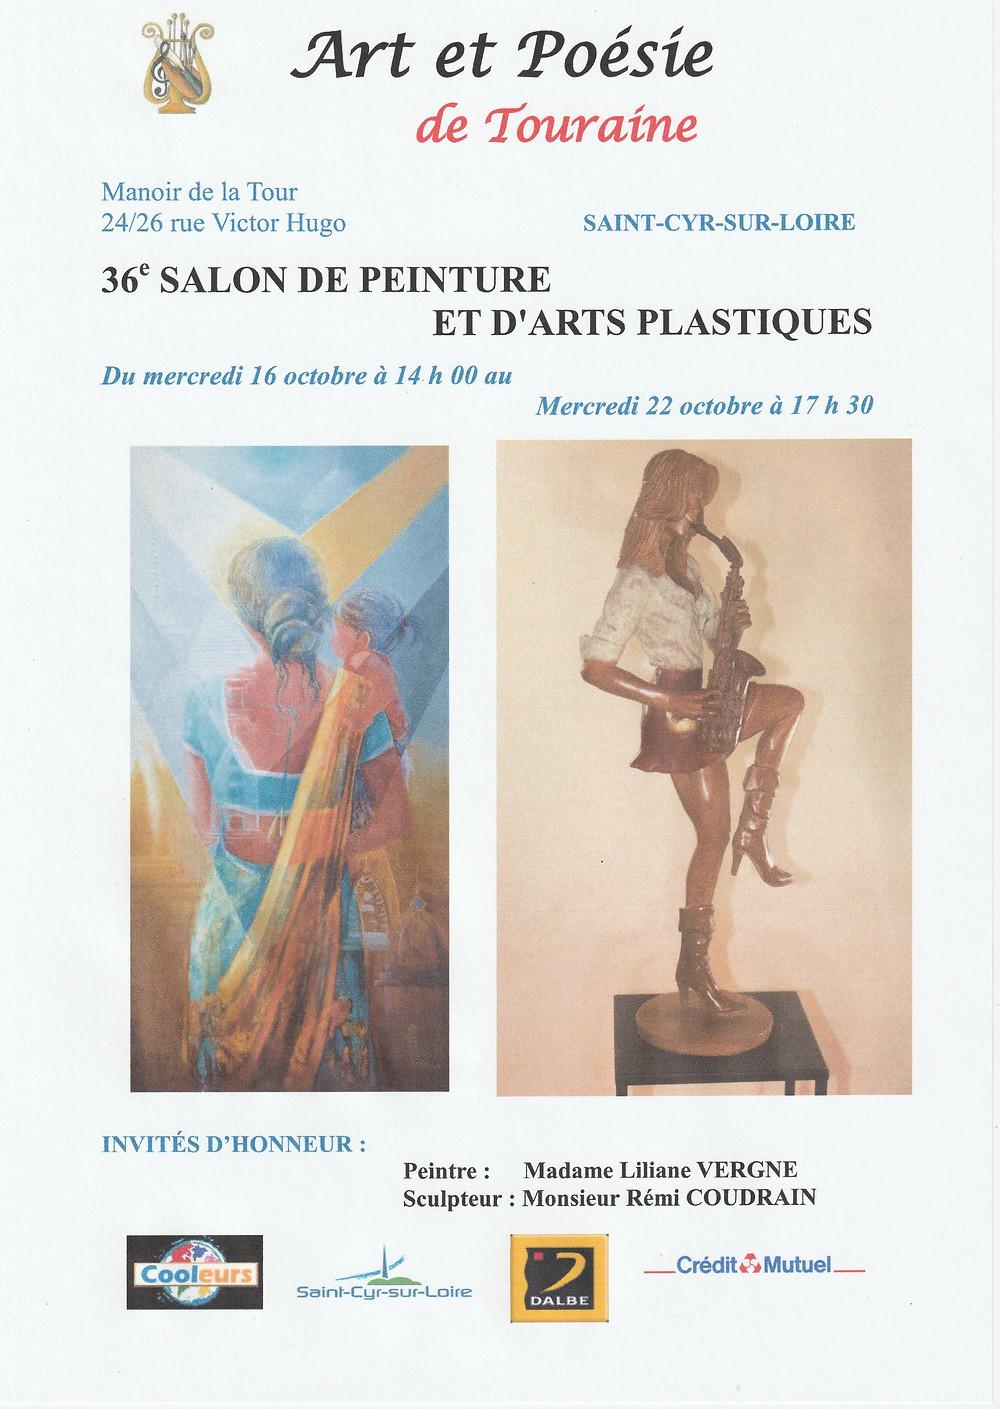 Arts et poésie de Touraine invité d'honneur Rémi Coudrain